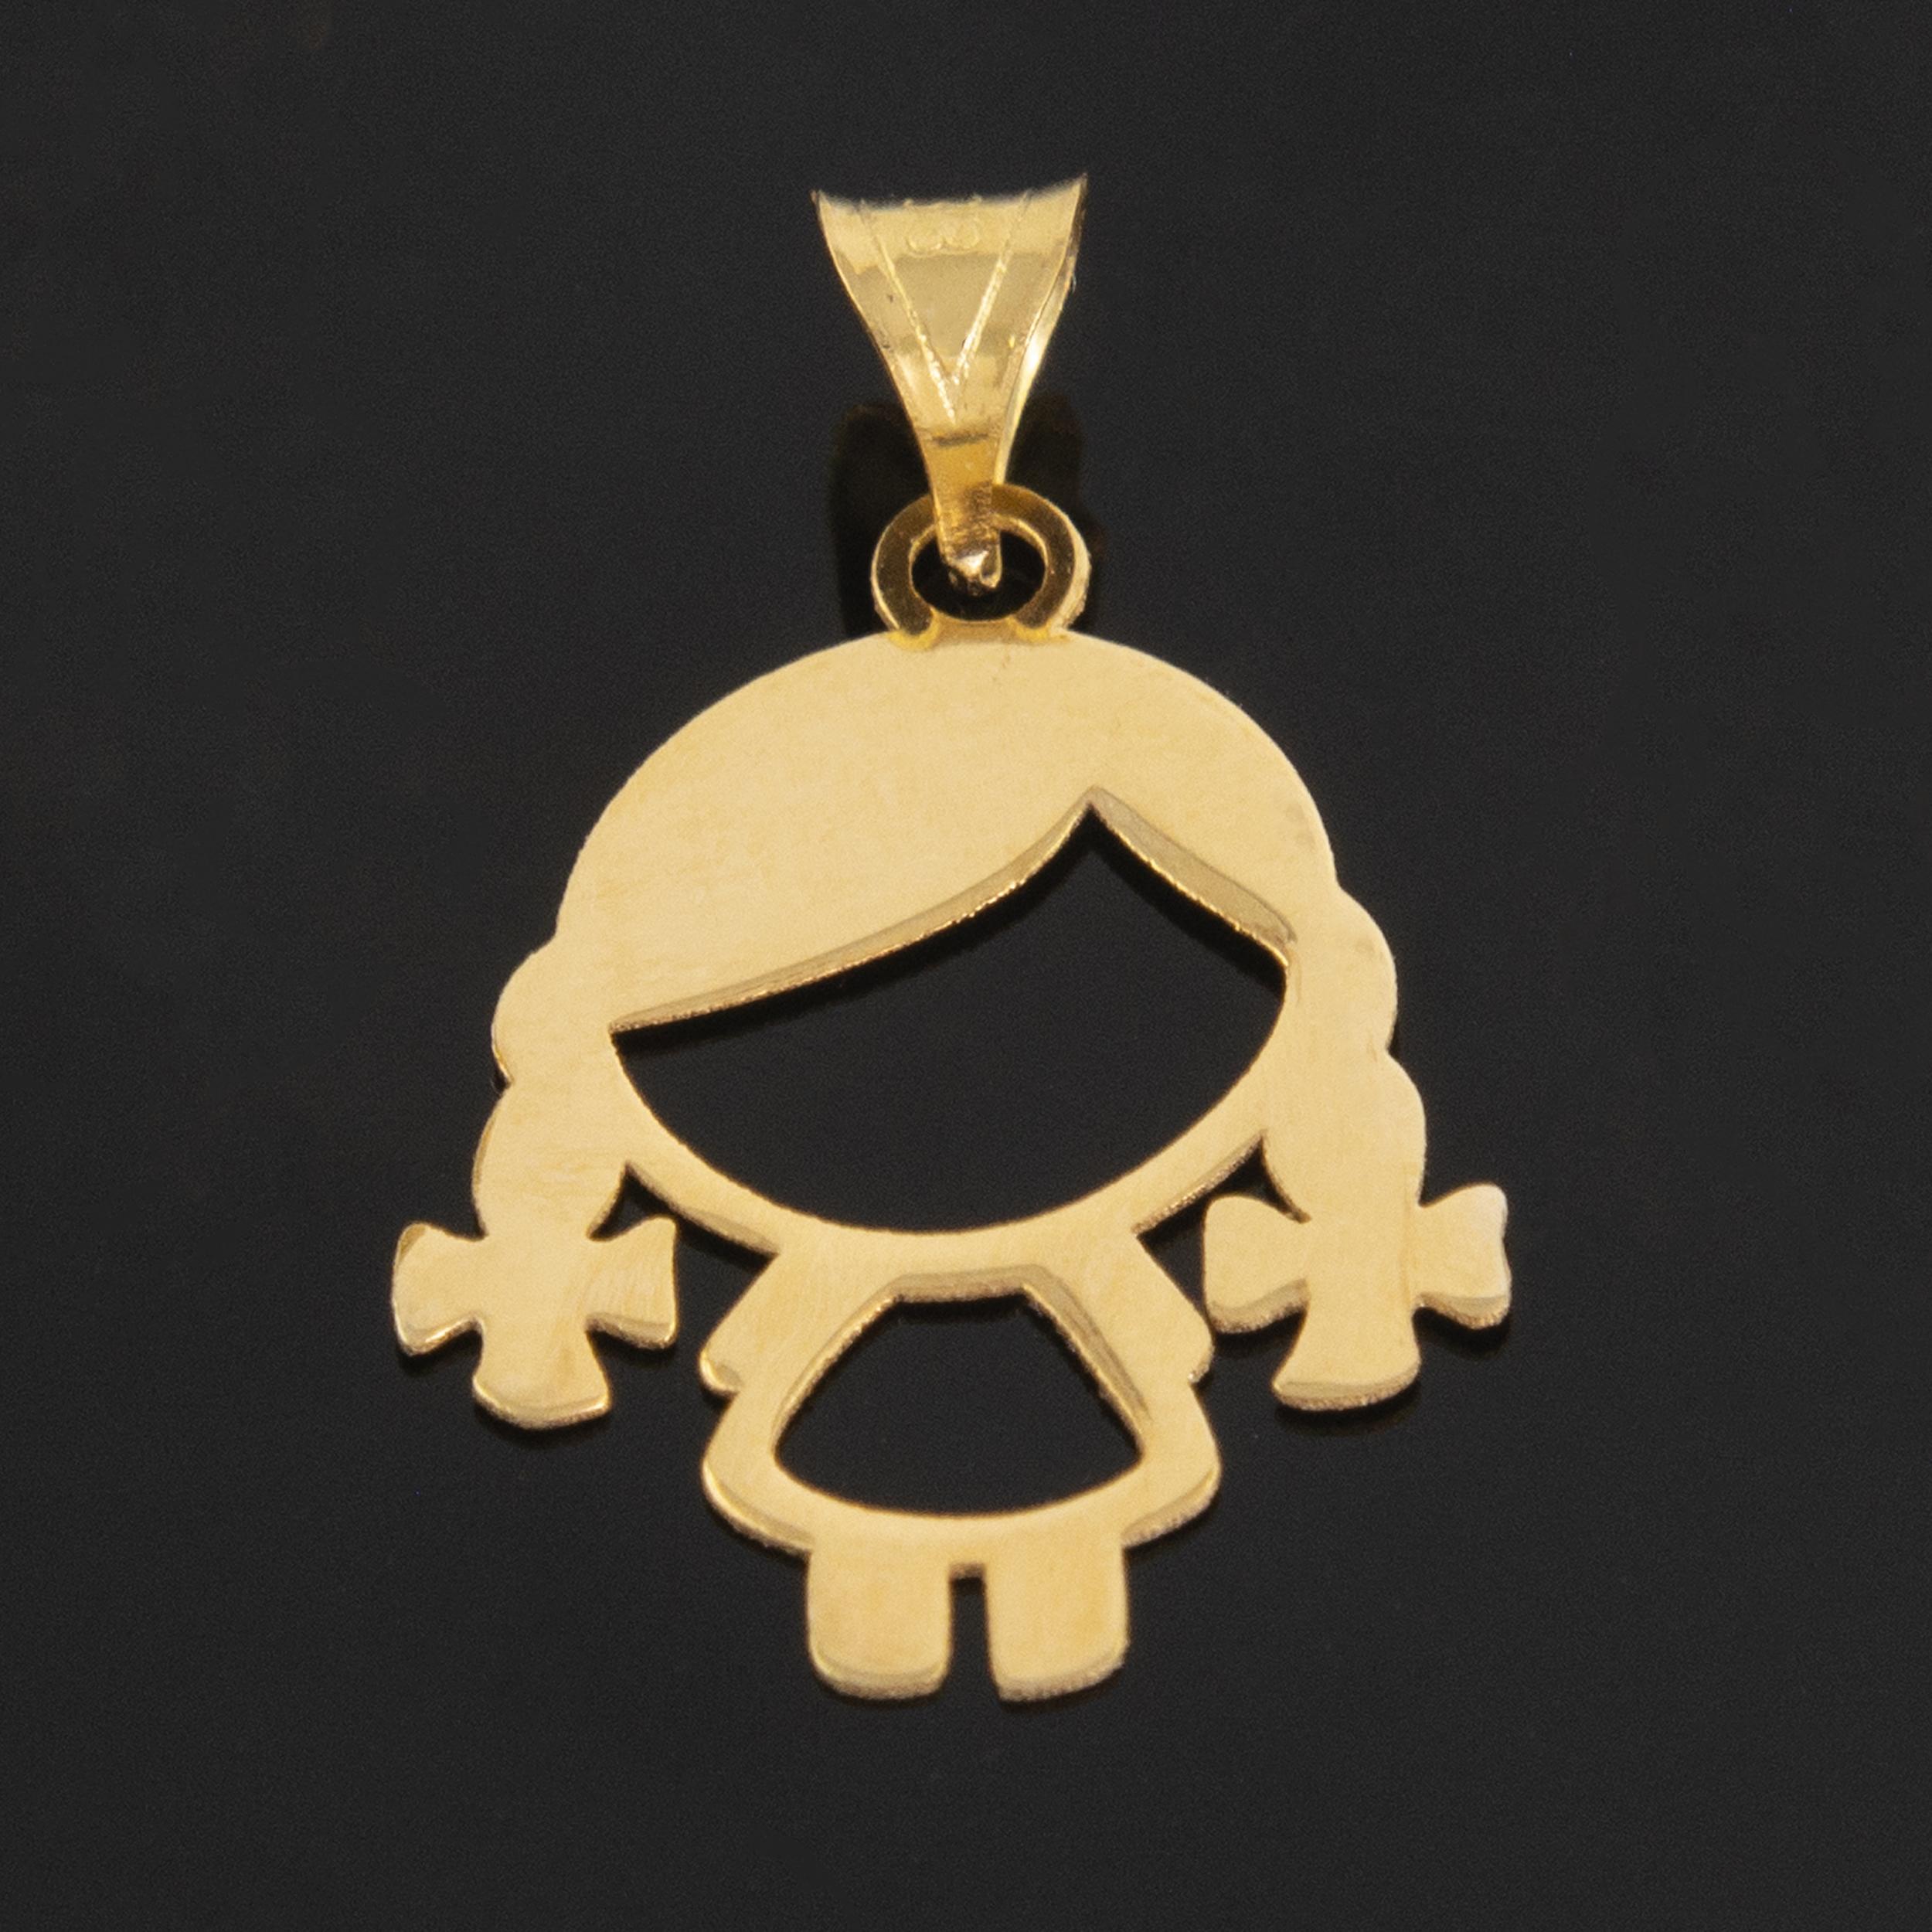 آویز گردنبند طلا 18 عیار دخترانه کد 675